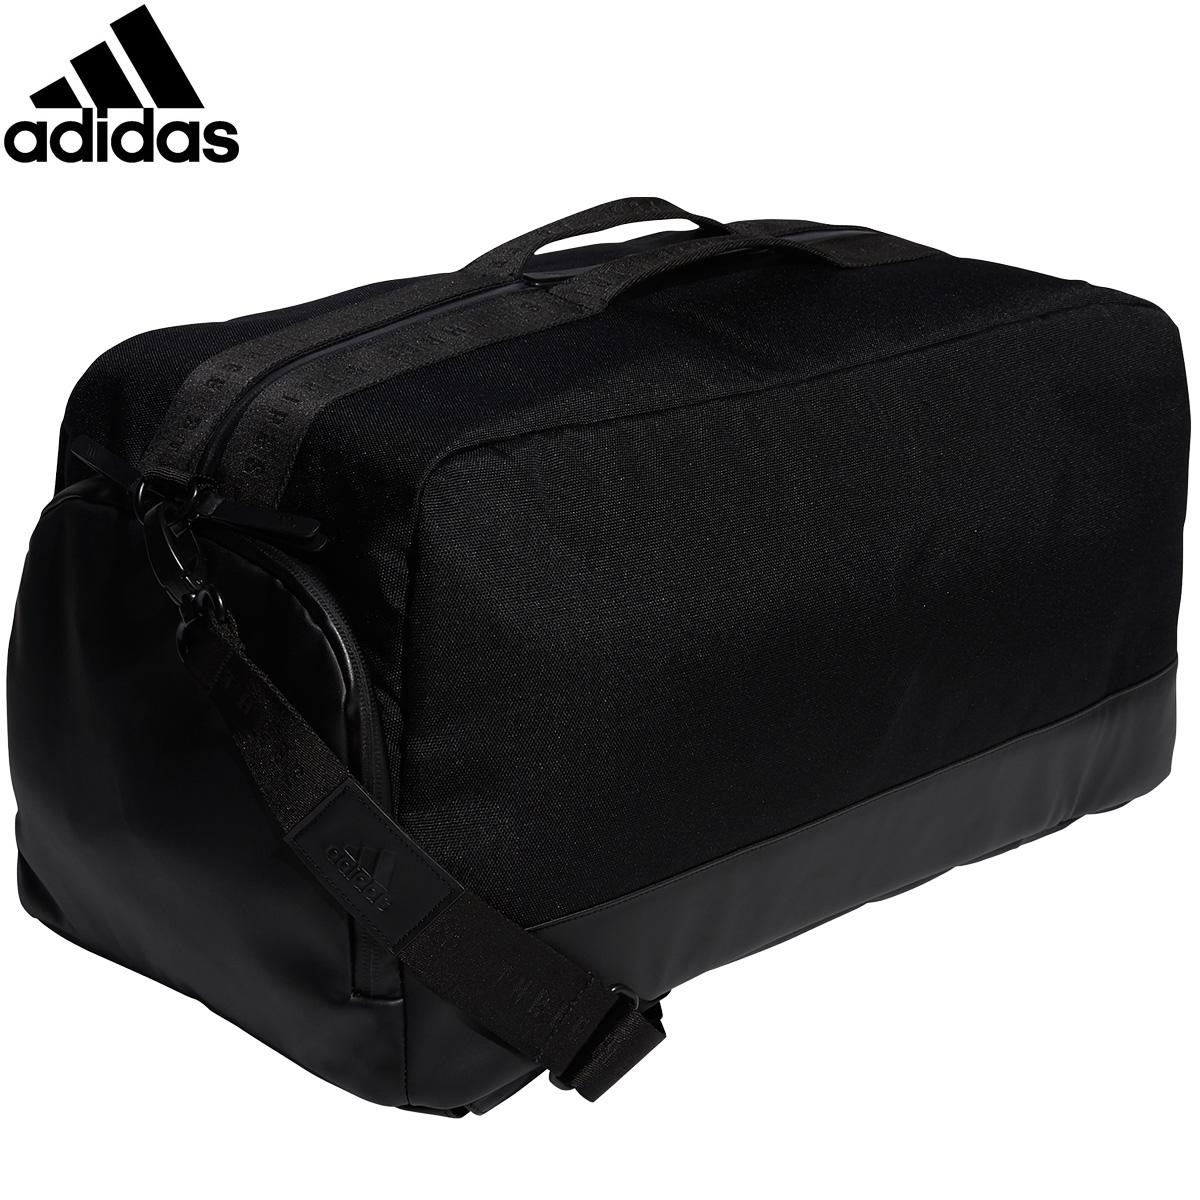 【【最大3300円OFFクーポン】】adidas Golf(アディダスゴルフ)日本正規品 ADICROSS BOSTON BAG (アディクロスボストンバッグ) 2020新製品 「GUV58」 【あす楽対応】